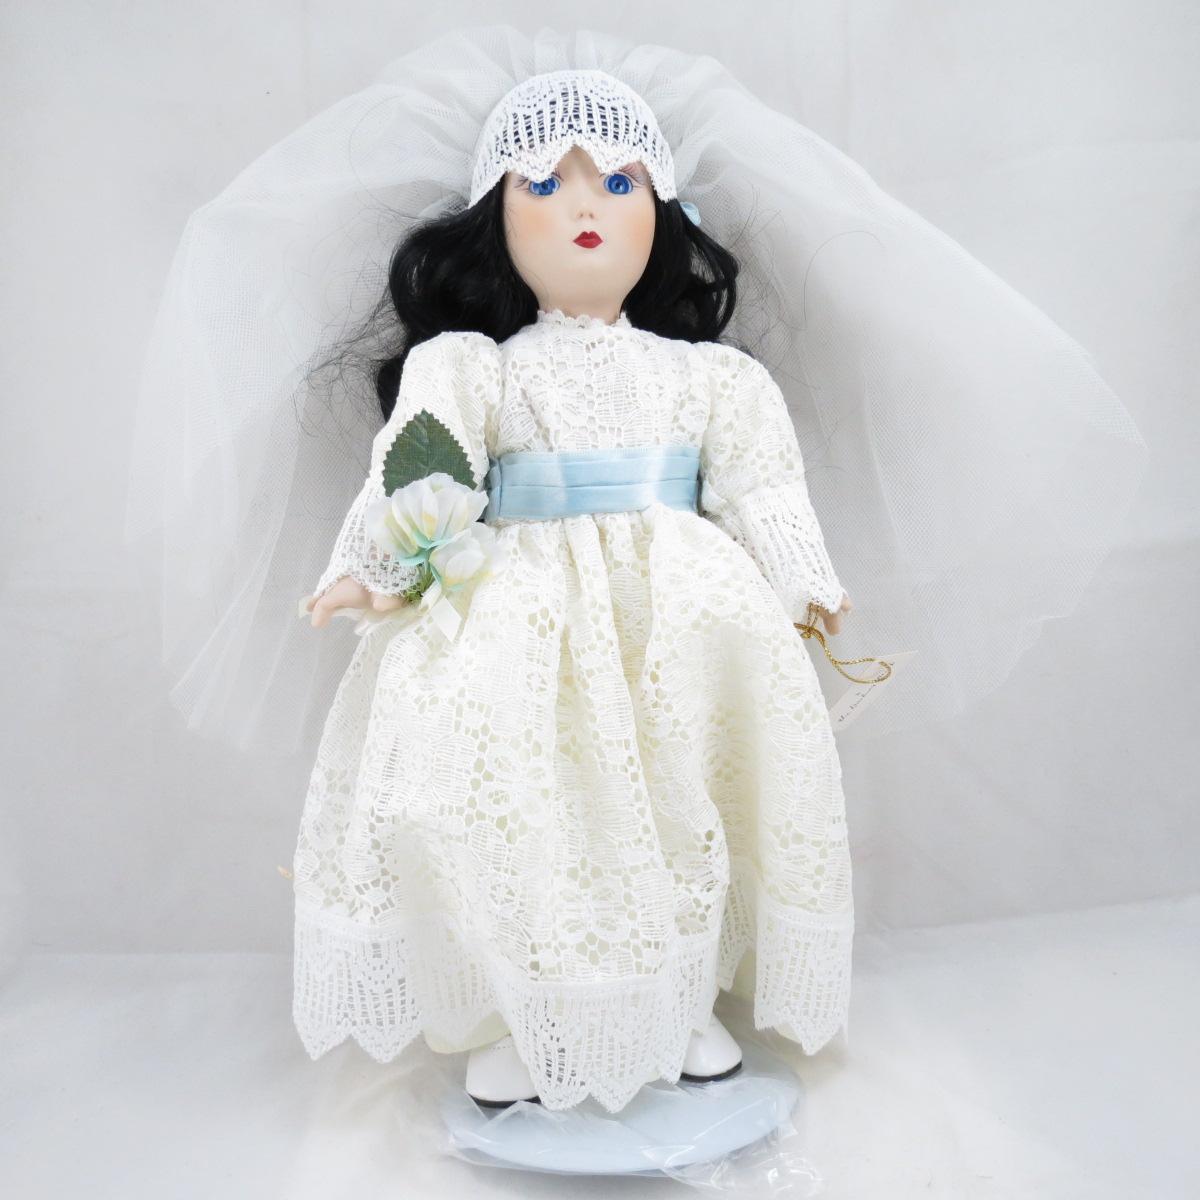 """Декоративная коллекционная фарфоровая кукла из серии """"Невесты Америки"""".  Название куклы - Мария. Невеста Пятидесятых.  Фирма производитель - Danbury Mint, США. Высота Куклы - 32,5см. Сохранность - Очень хорошая, без сколов, трещин и царапин.  Используется исключительно в декоративных целях.  Коробка не является декоративной и предназначена для пересылки по почте, так что, может иметь пометки и потёртости, учитывая возраст куклы."""